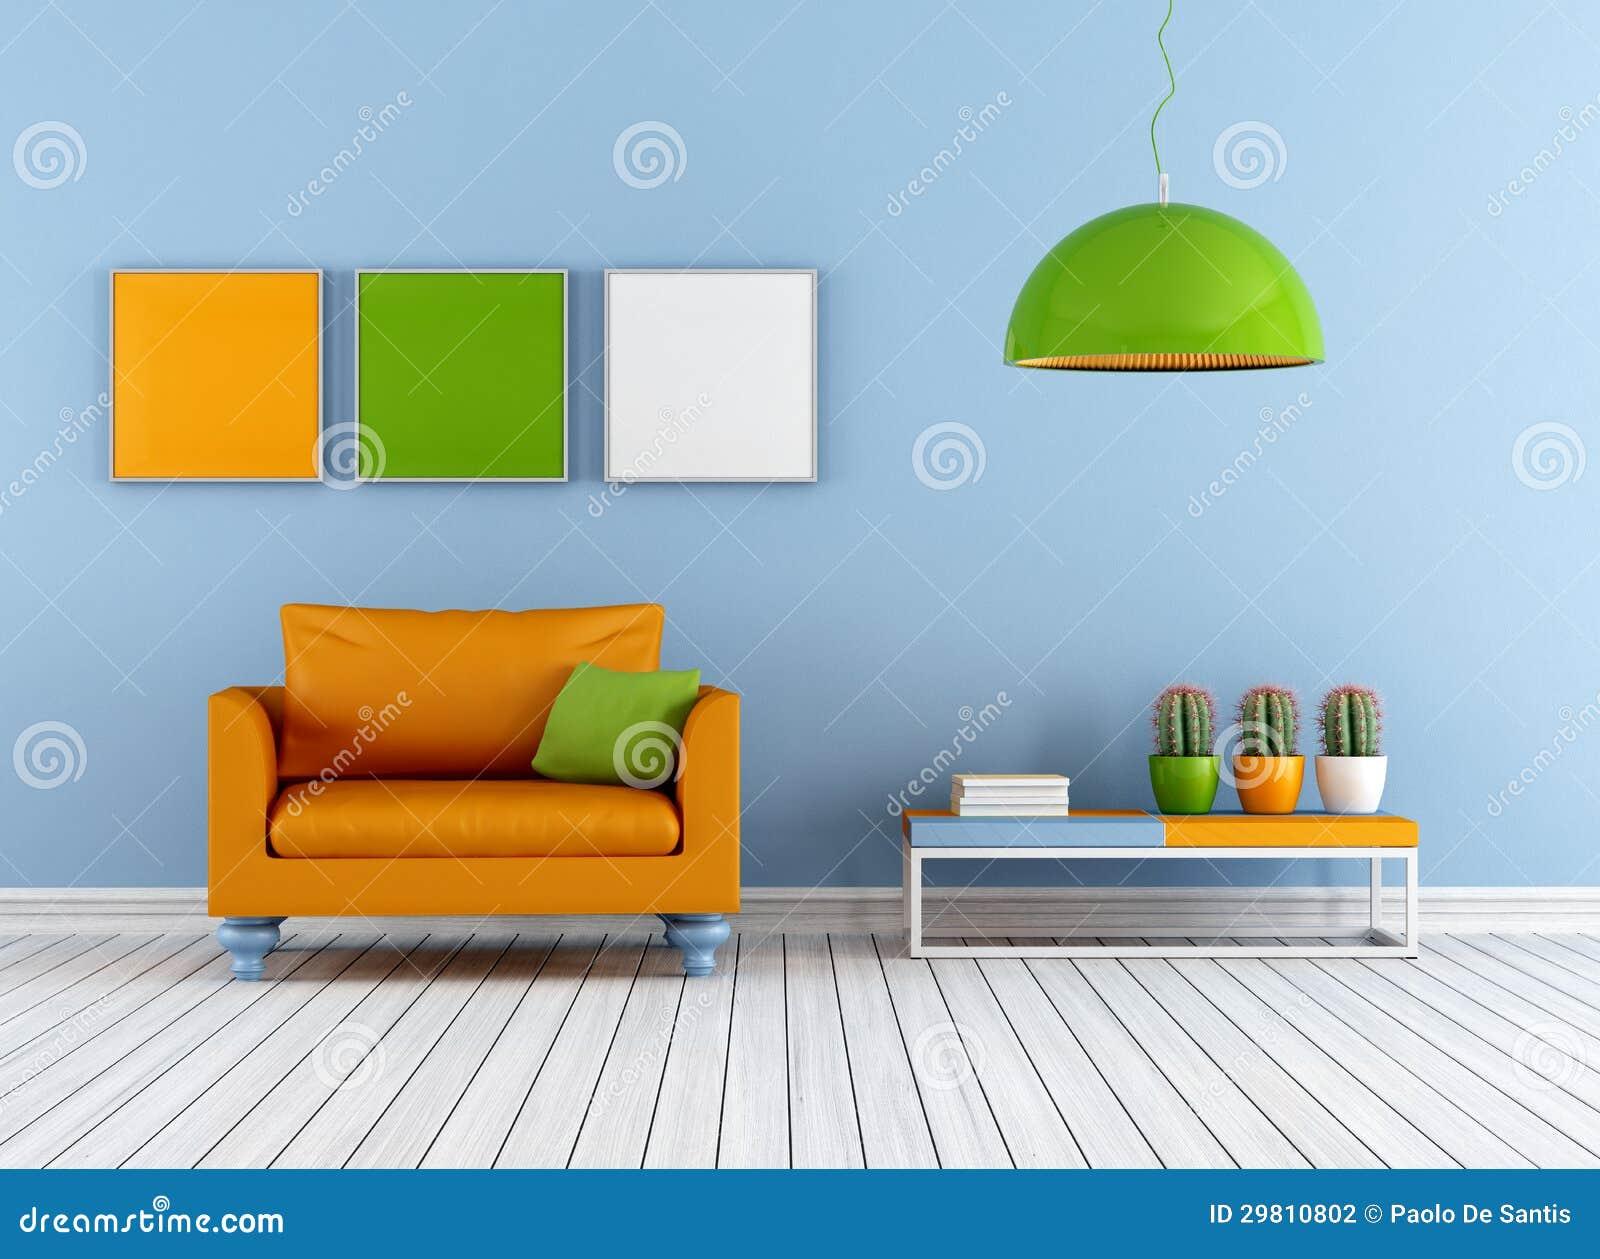 #C0760B Sala De Estar Colorida Fotografia de Stock Imagem: 29810802 1300x1040 píxeis em Decoraçao De Sala De Estar Colorida